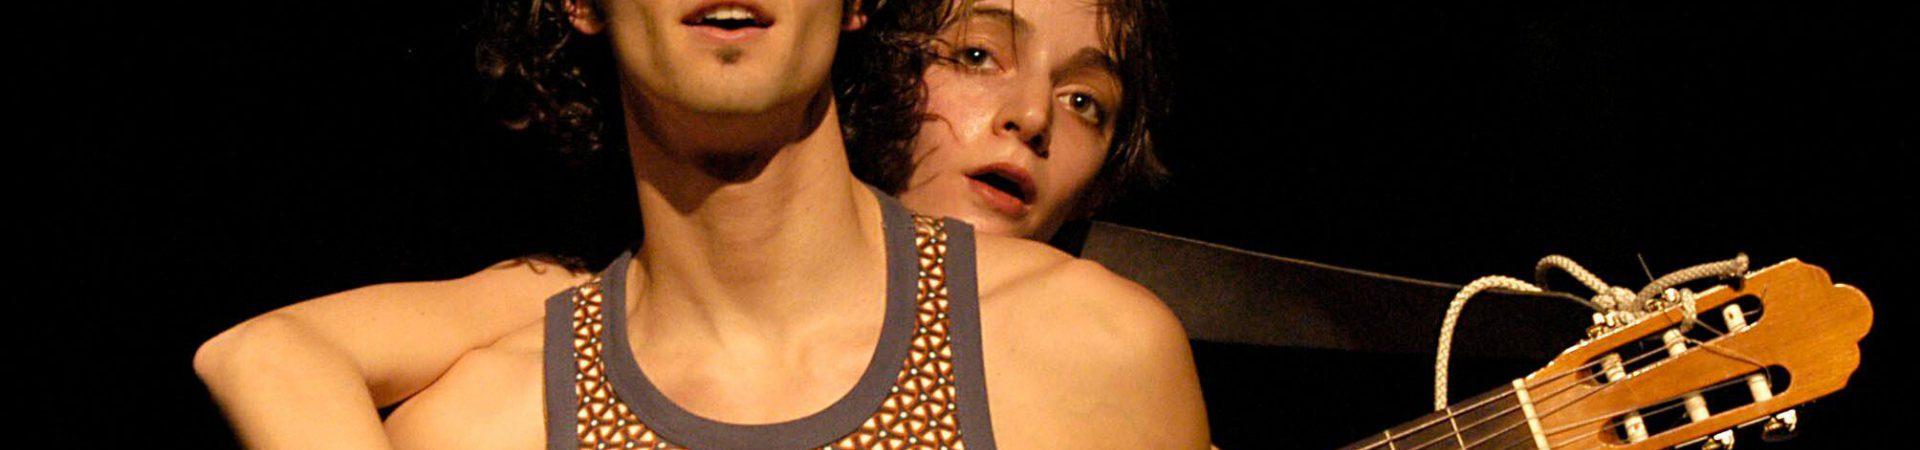 Résilience, nos manières d'aimer - Création 2004